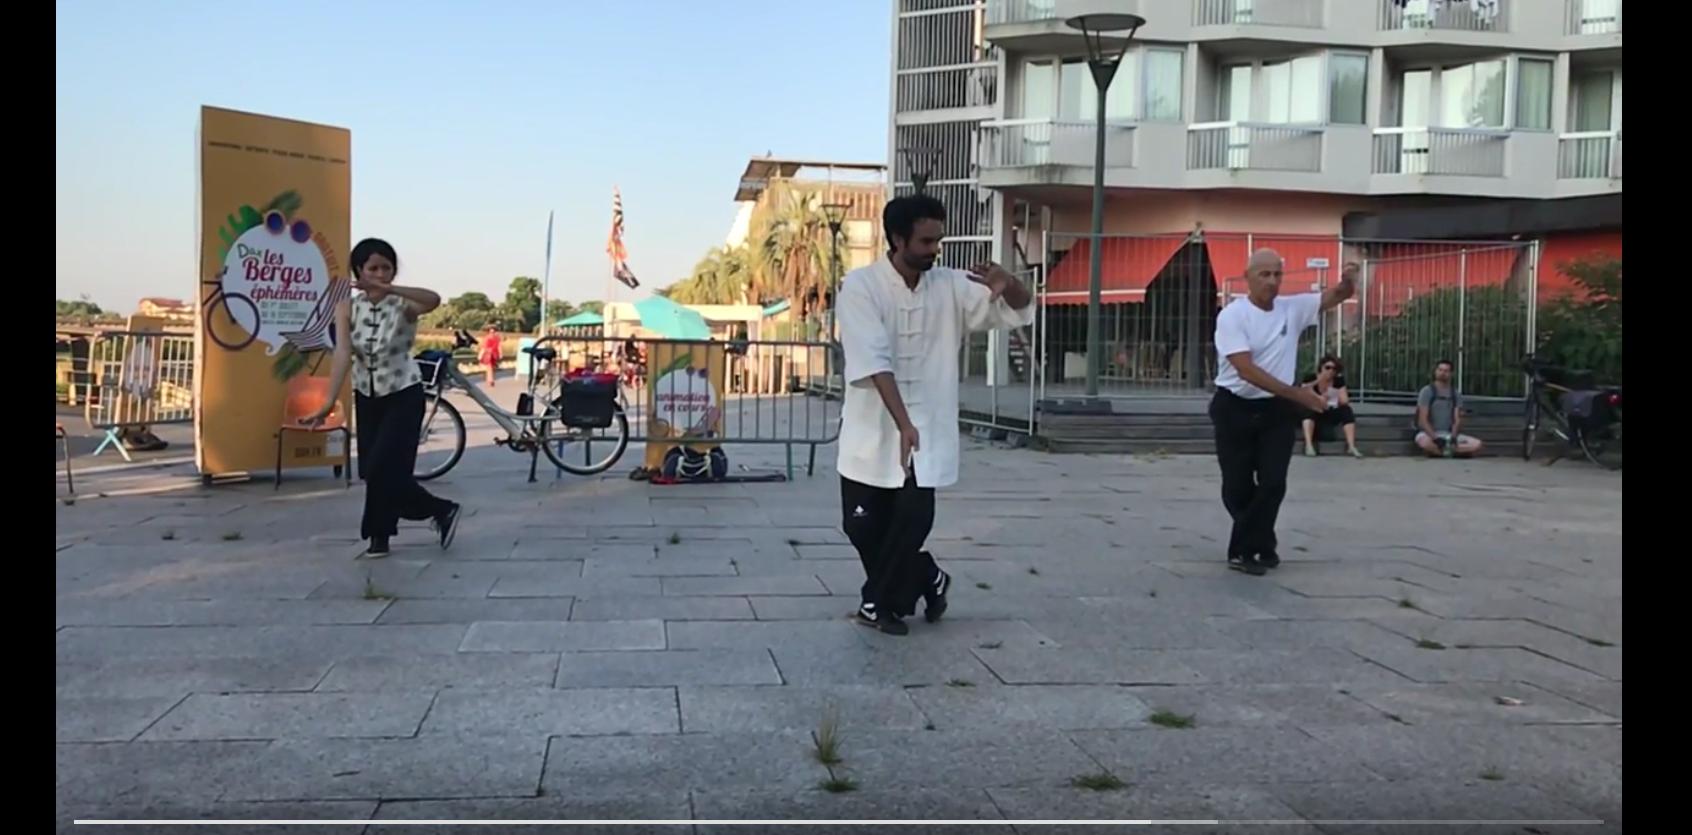 Vidéo_de_l'album_Les_Berges_de_l'Adour_2018_-_Google_Photos_-_2018-08-19_09.53.10